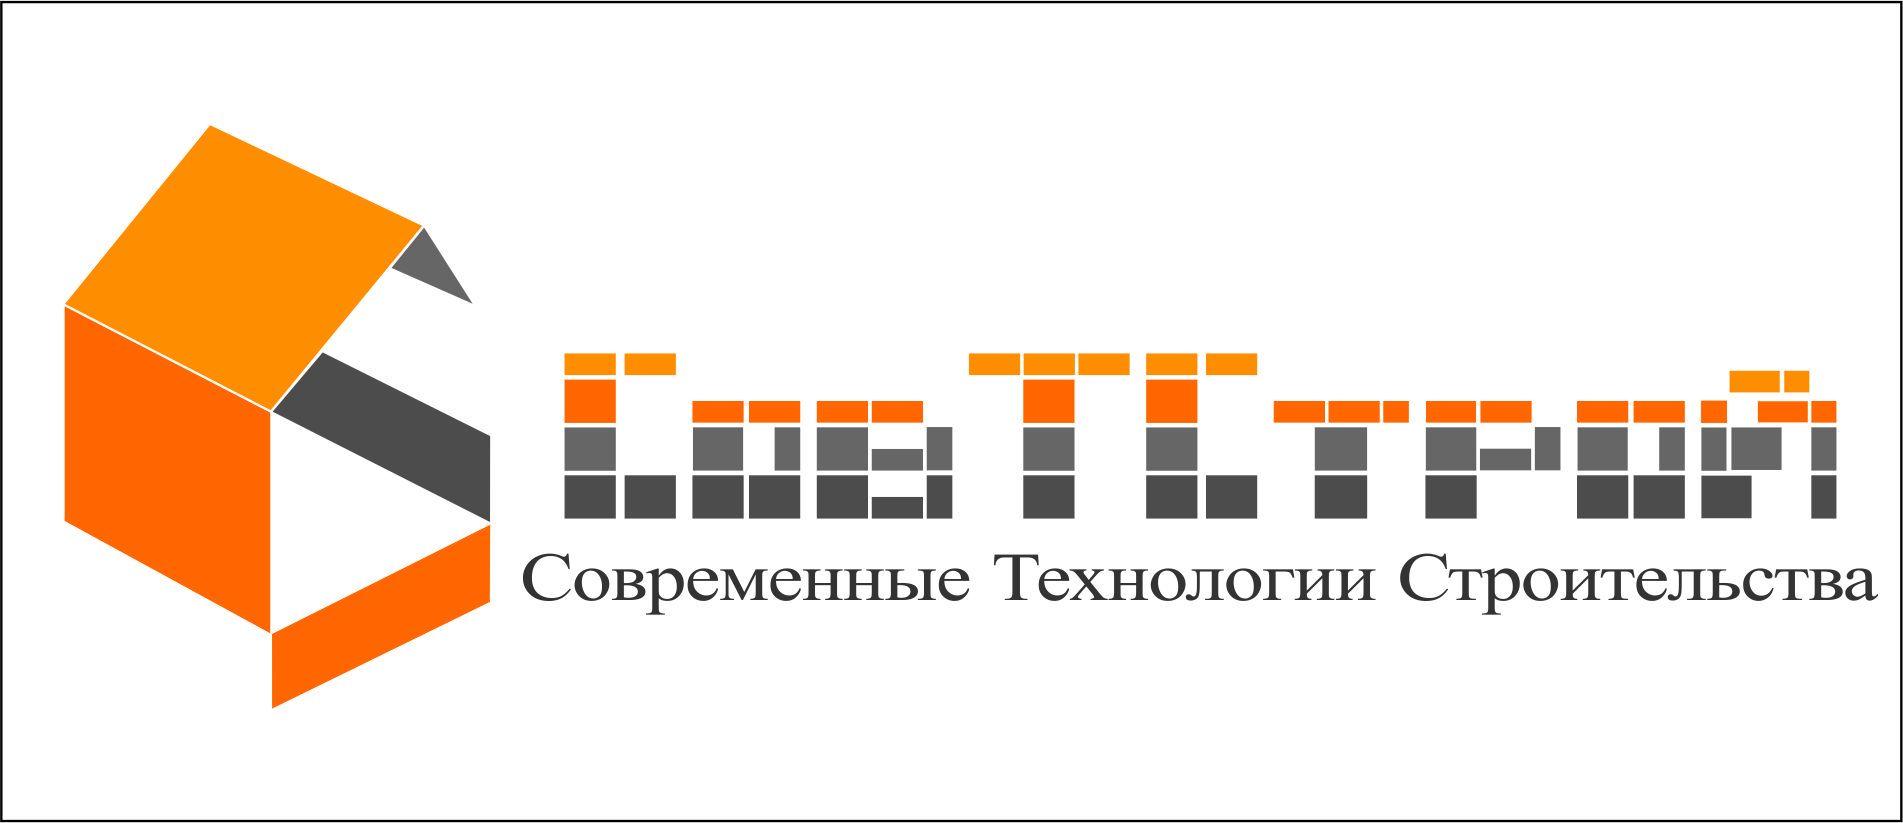 Логотип для поставщика строительных материалов - дизайнер AlBoMantiS